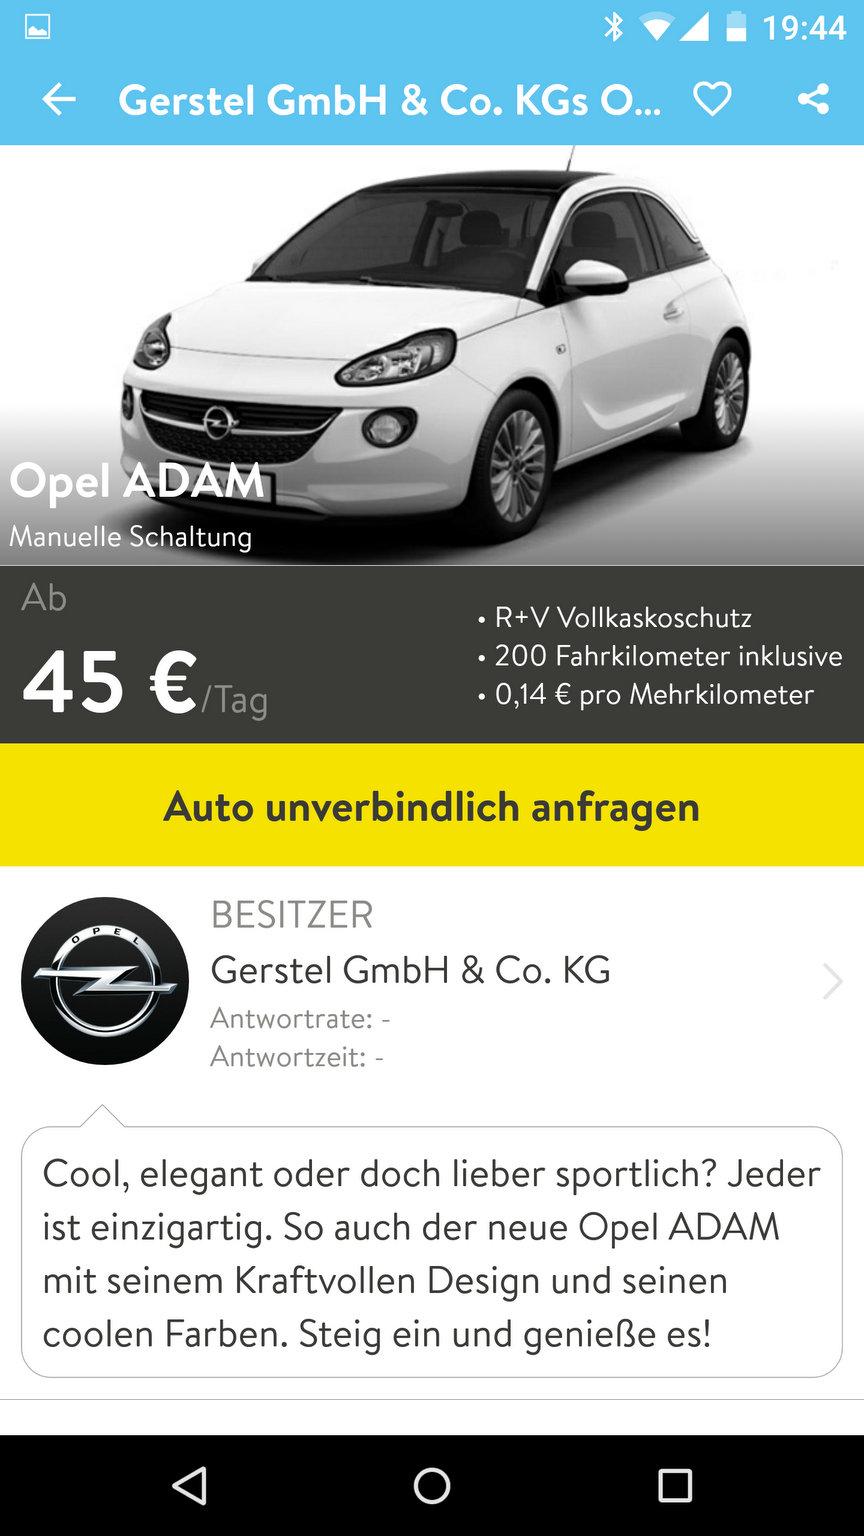 Gerstel bei CarUnity mit einem Opel ADAM